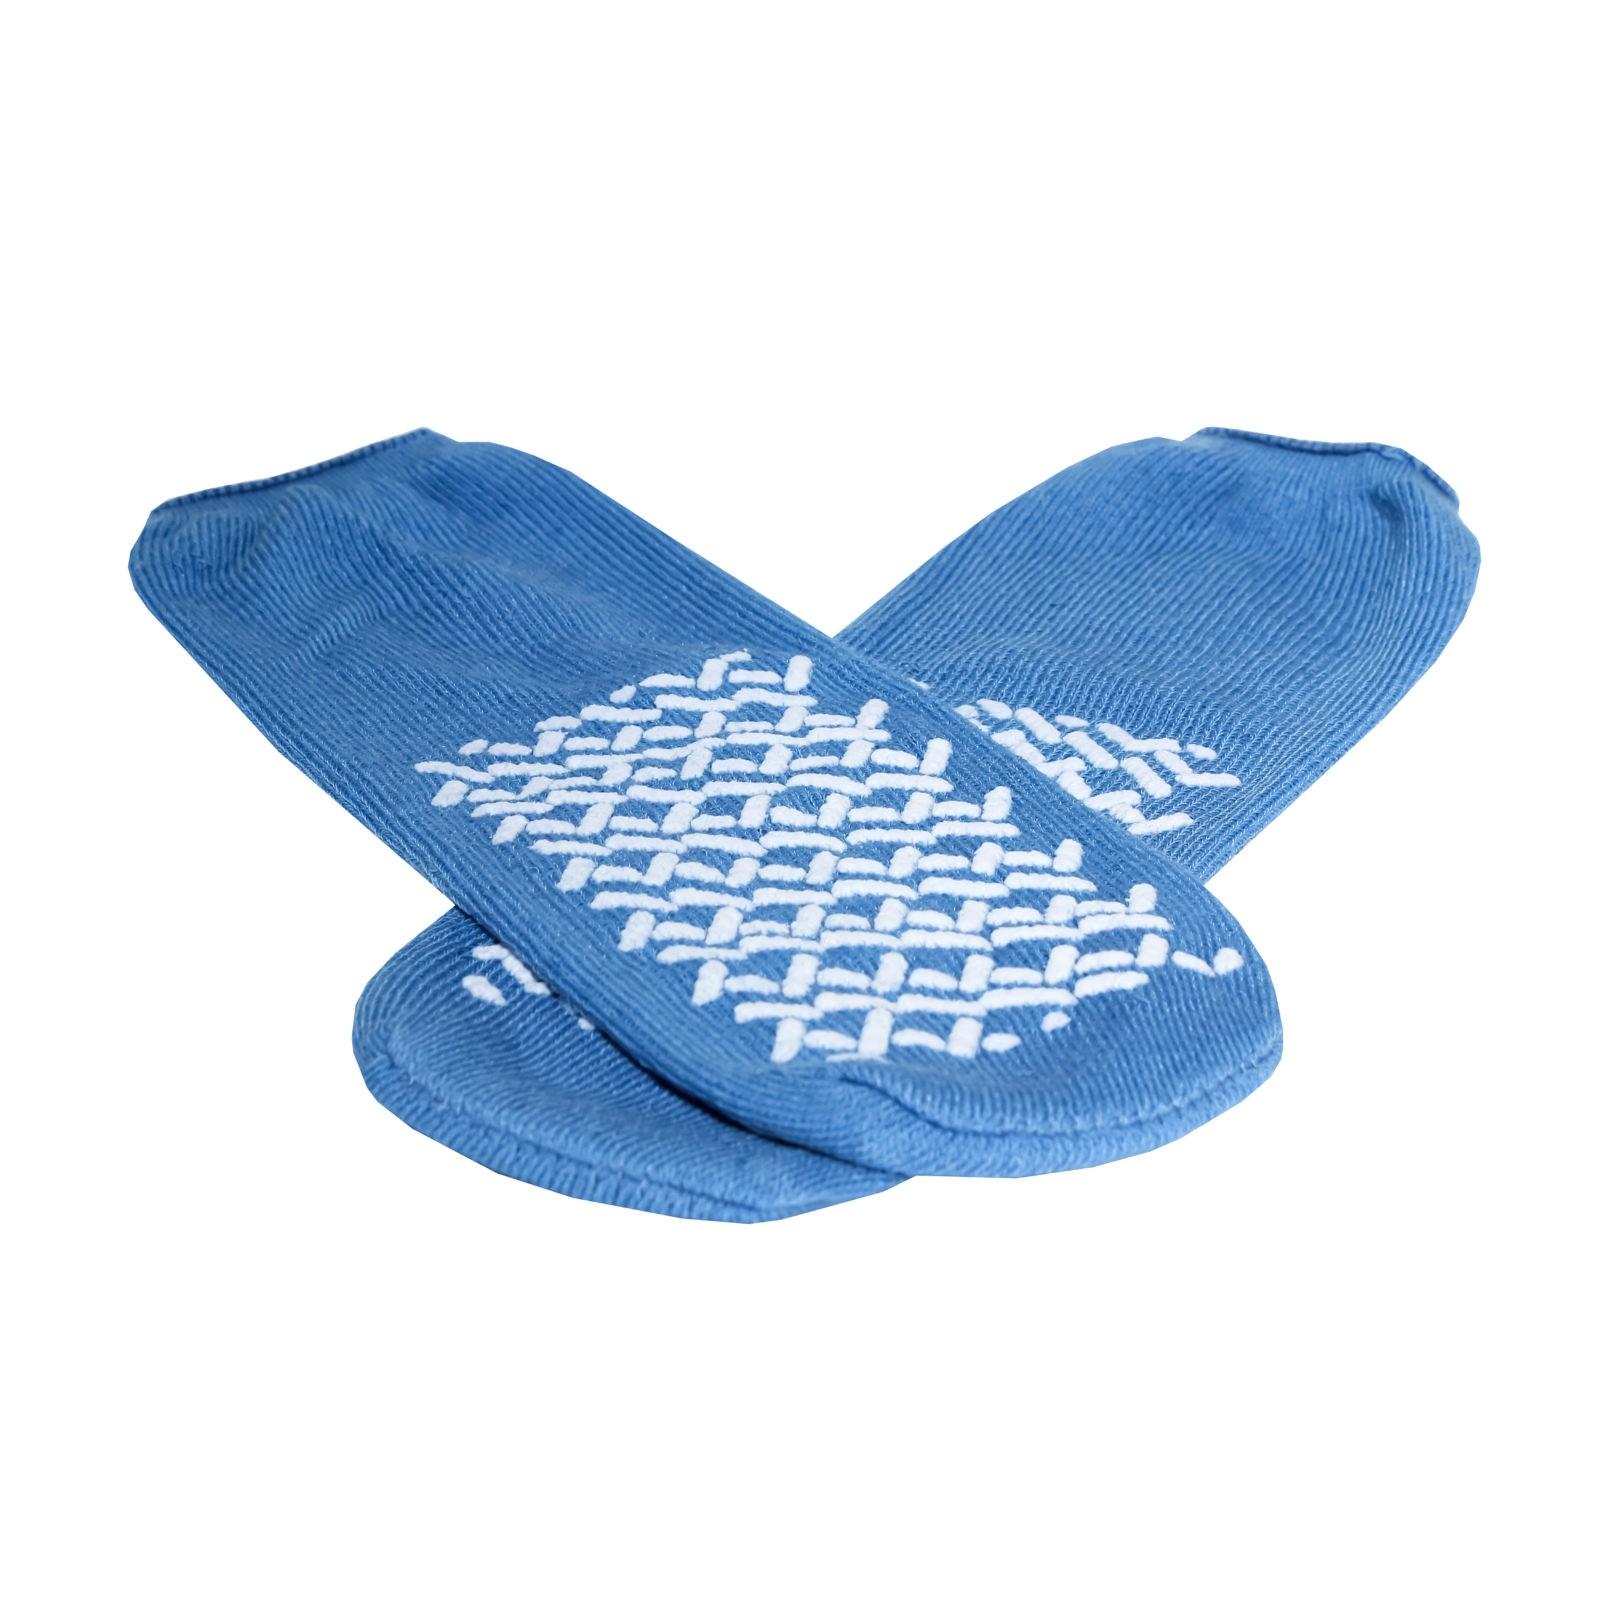 Antirutsch-/Stopper-Socken mit Gumminoppen (Gr. L-XXL)